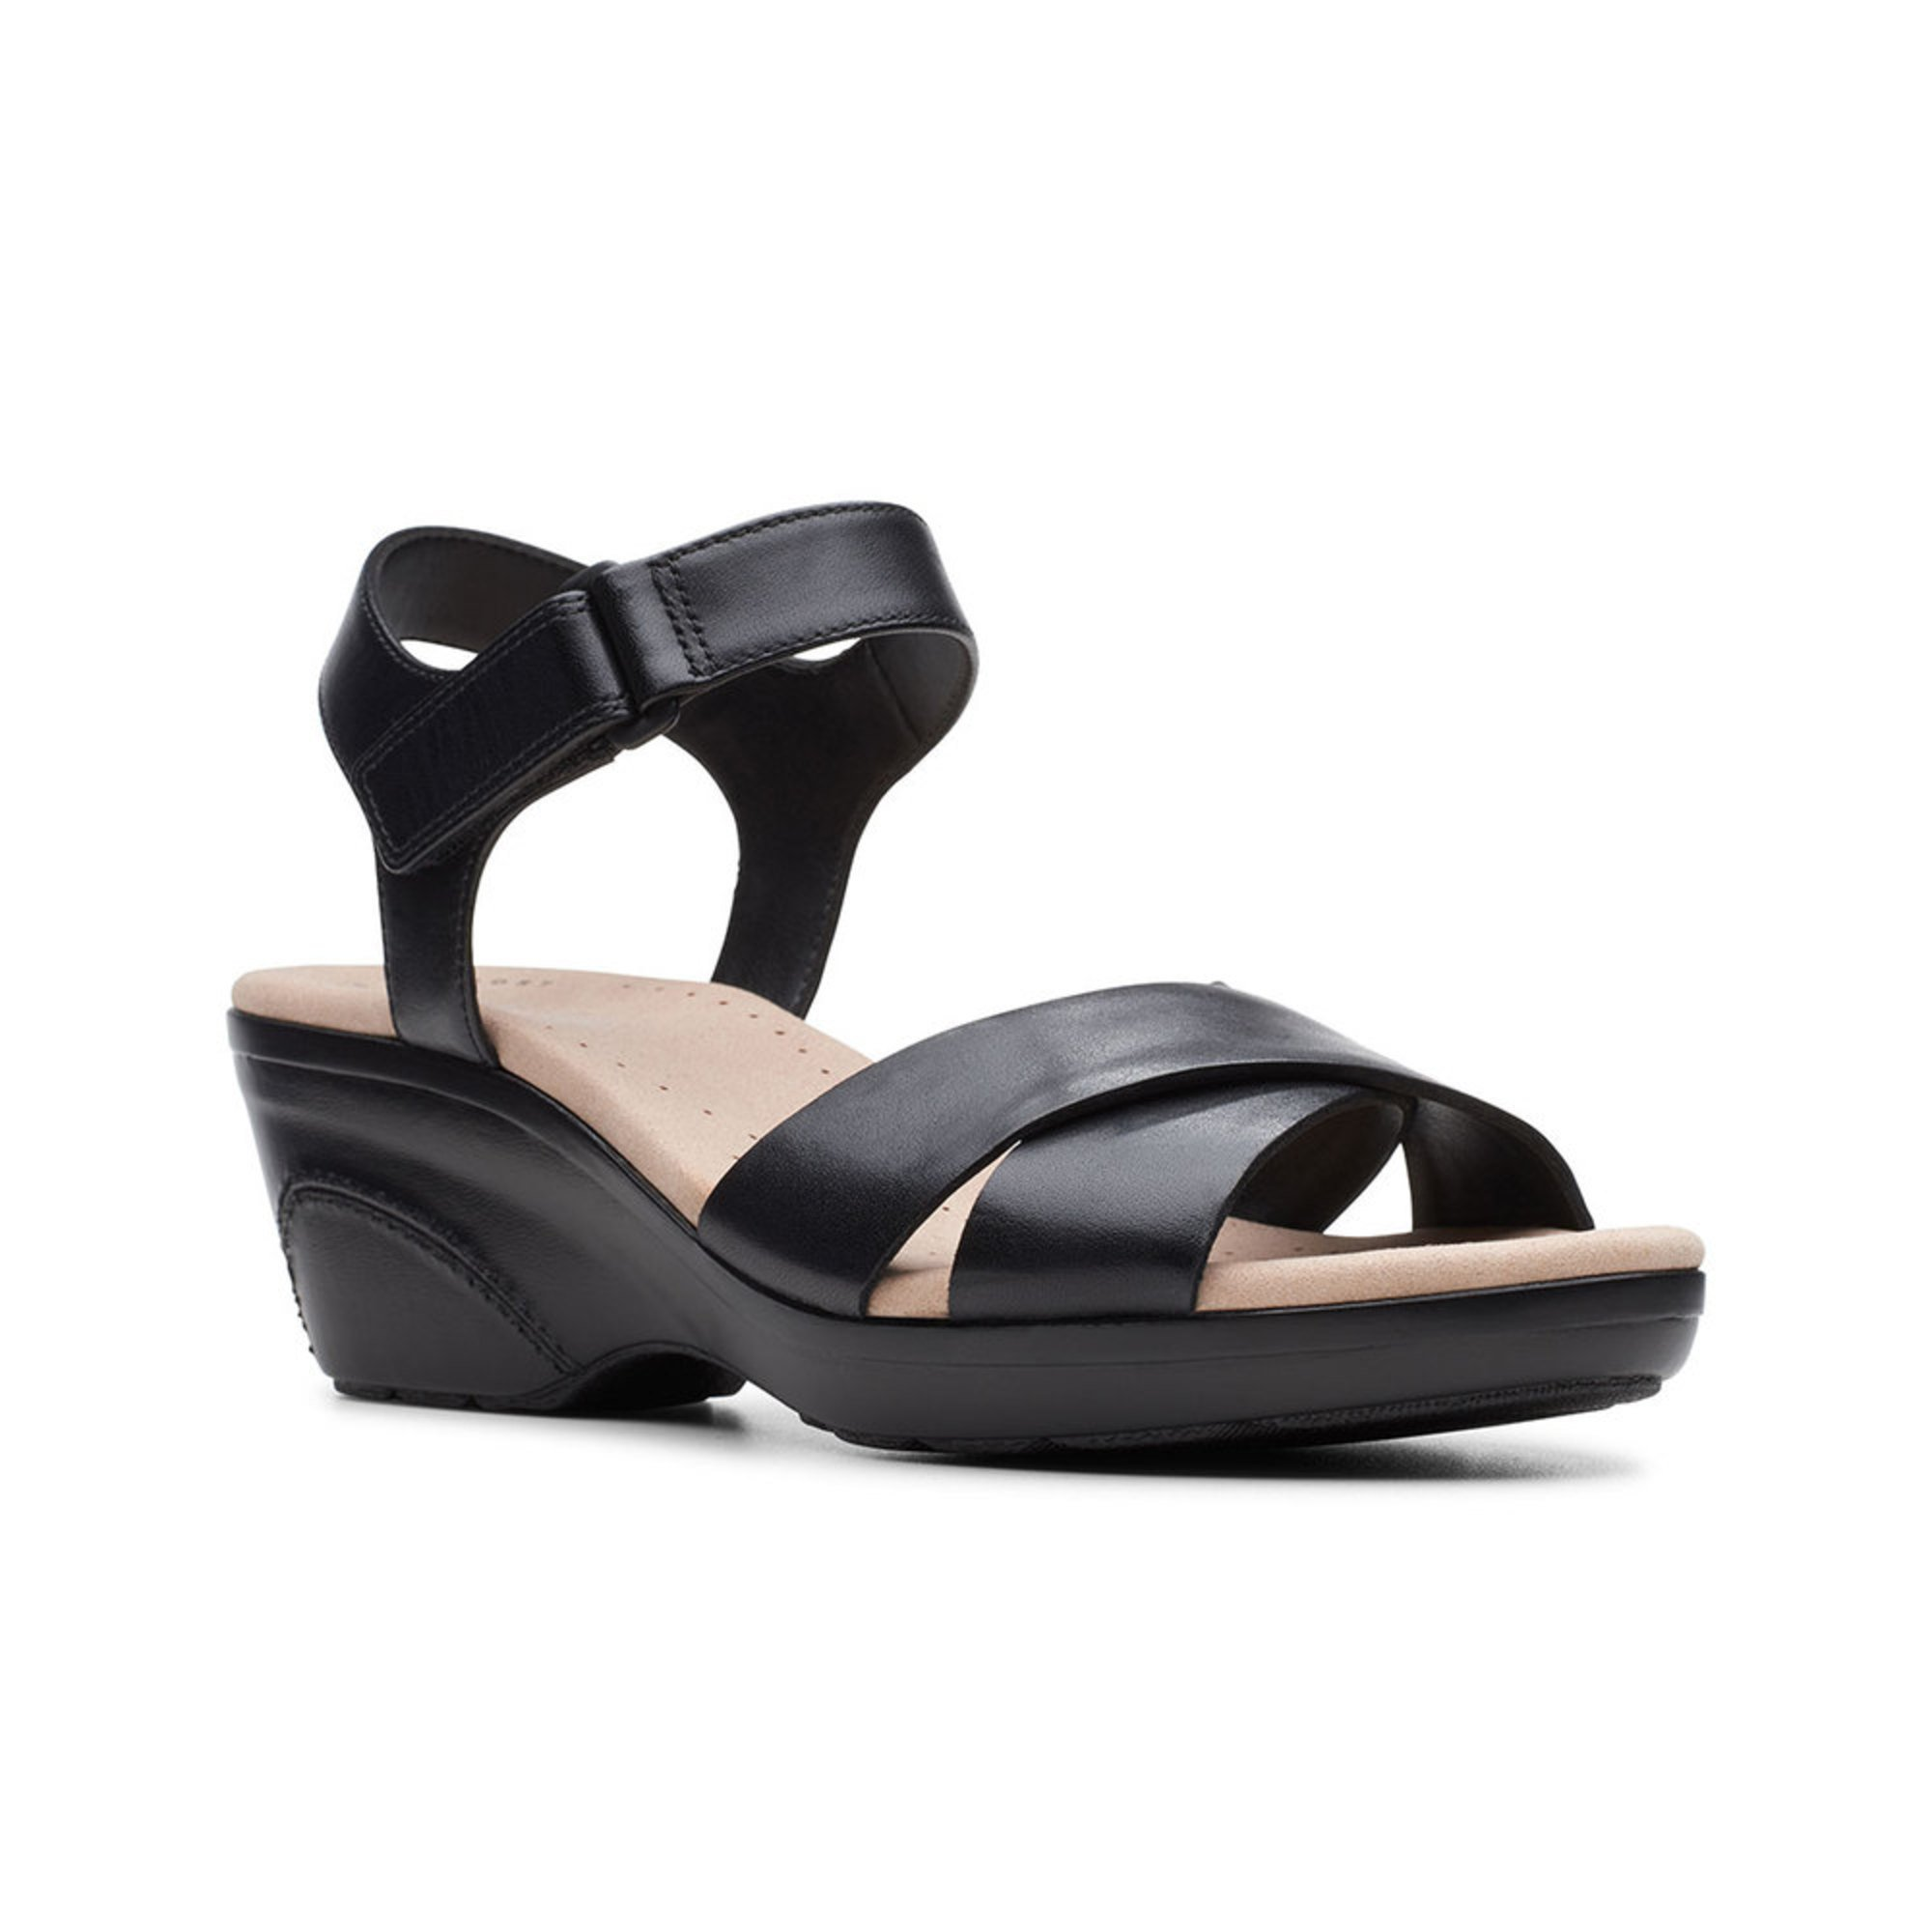 70f208f0 Clarks Women's Lynette Deb Sandal | Women's Sandals | Shoes - Shop ...